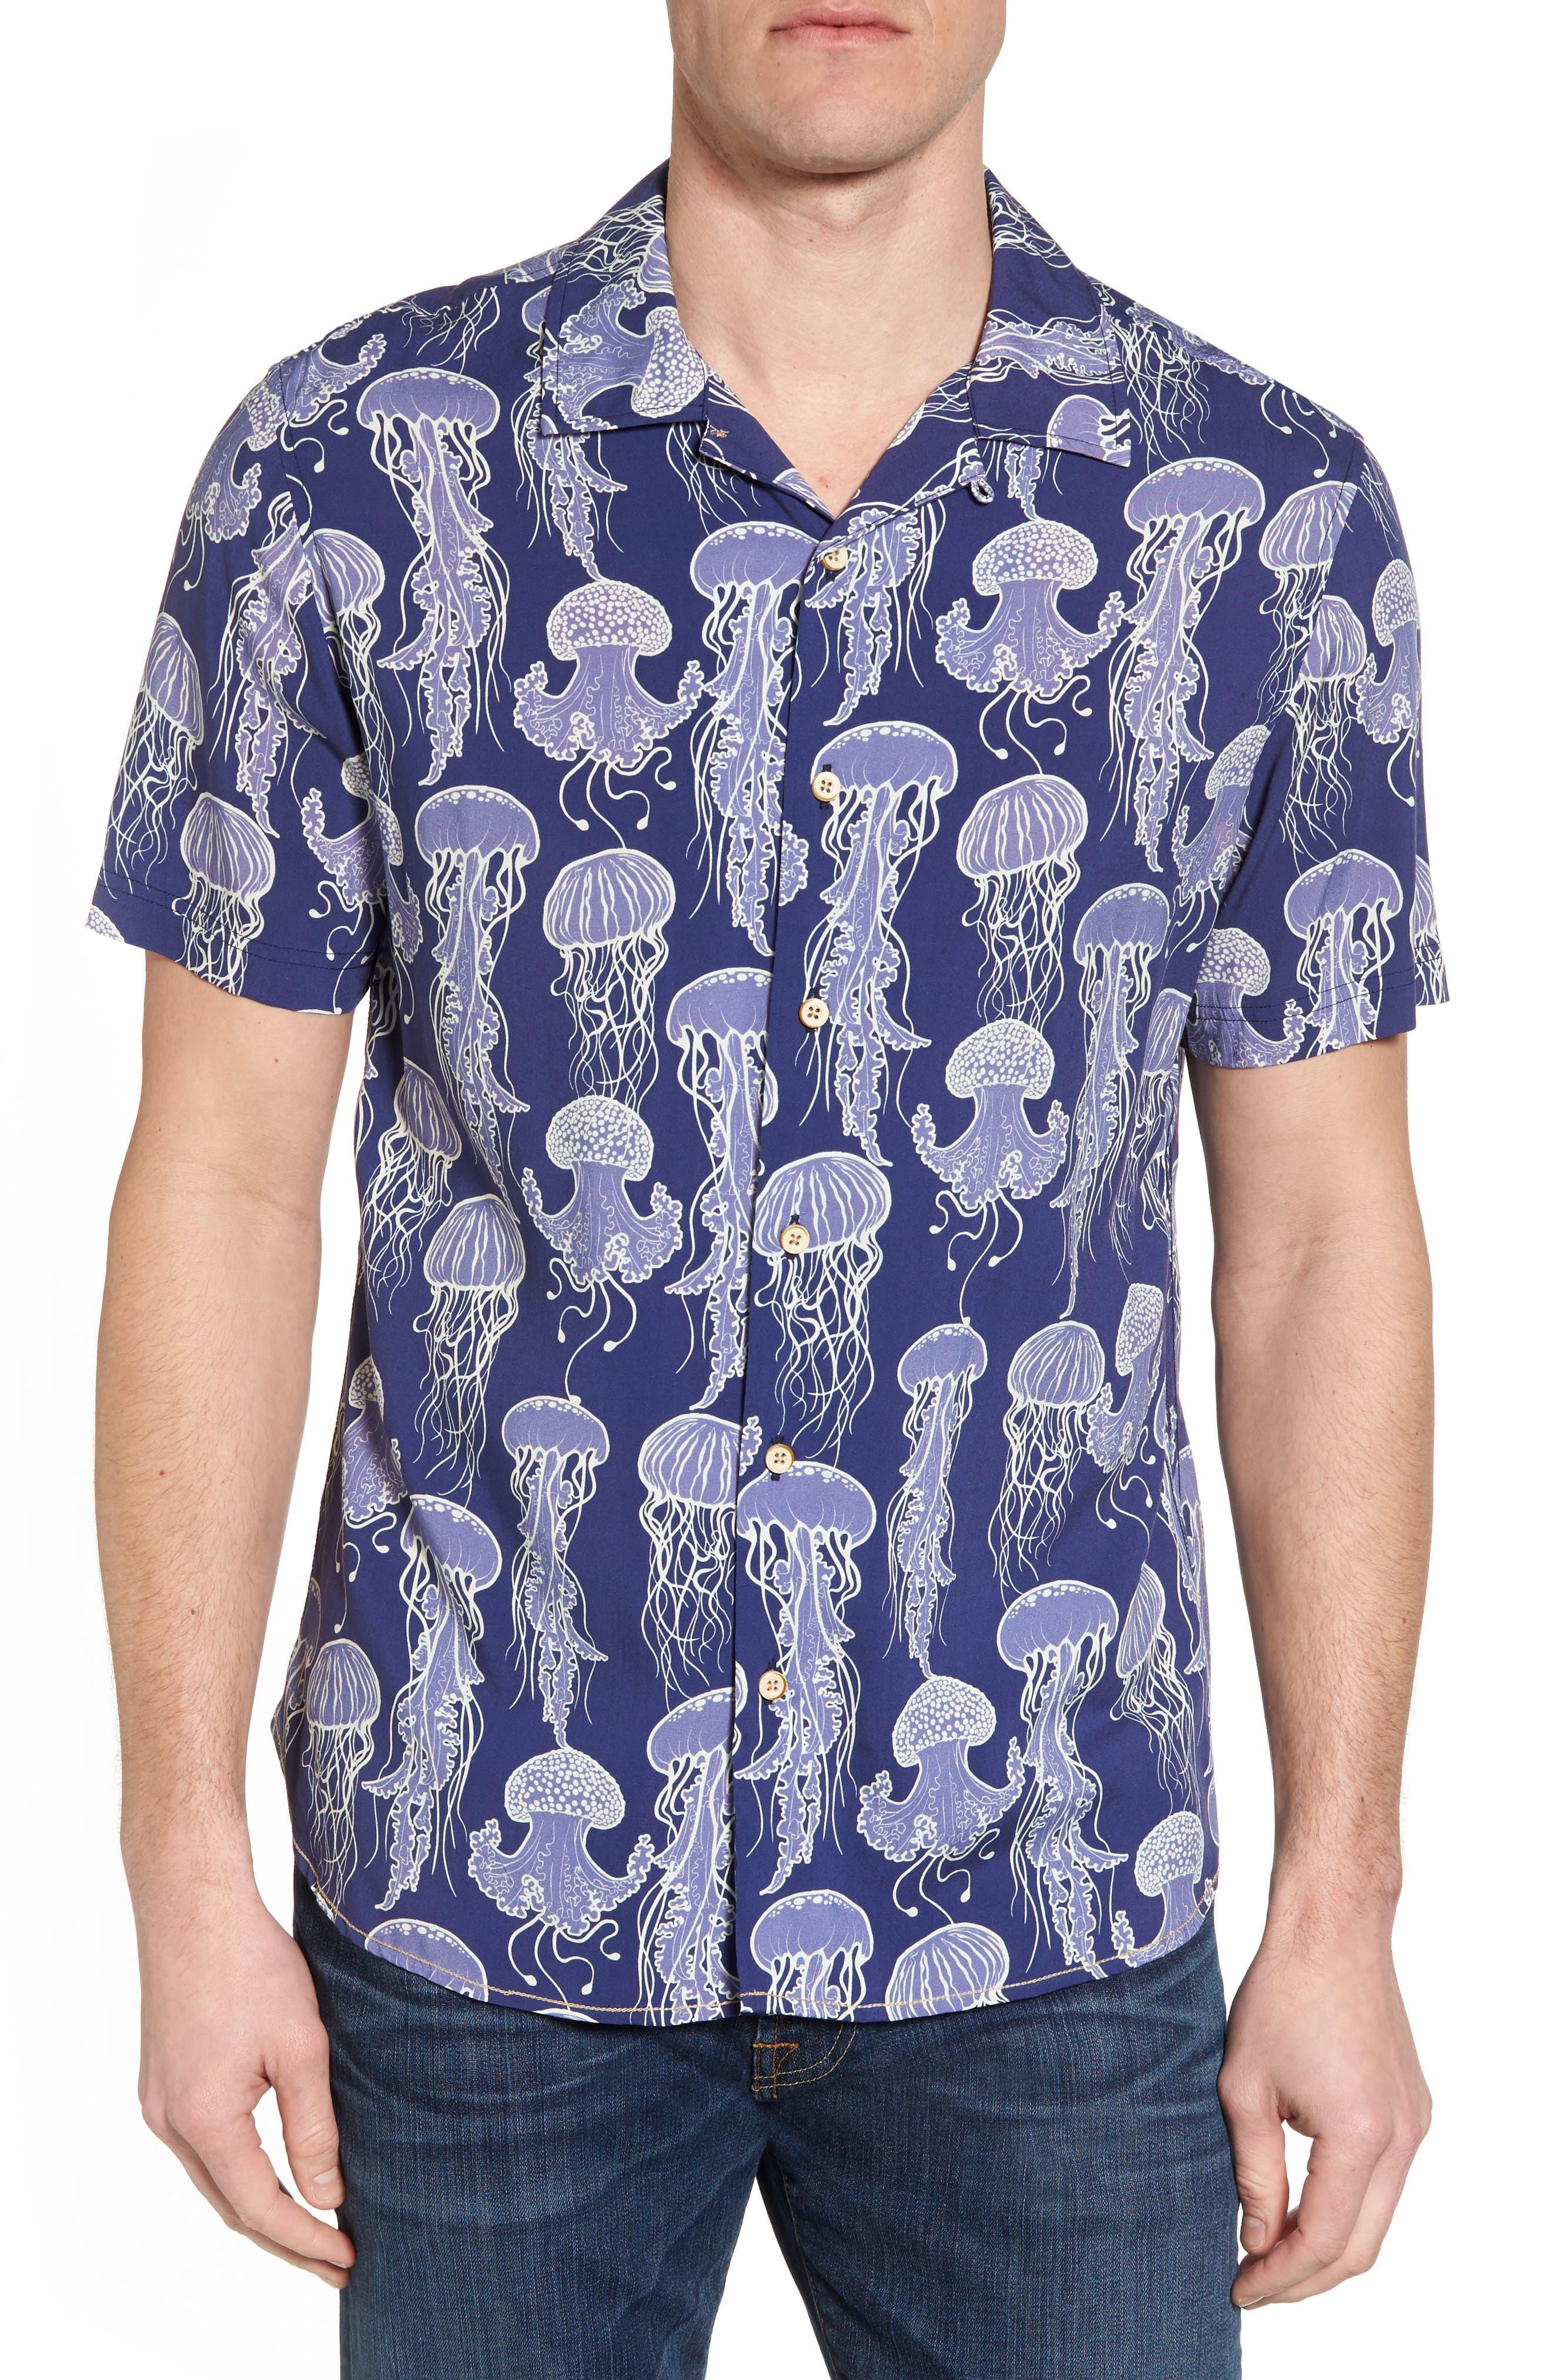 Jellyfish Print Camp Shirt,                             Main thumbnail 1, color,                             400